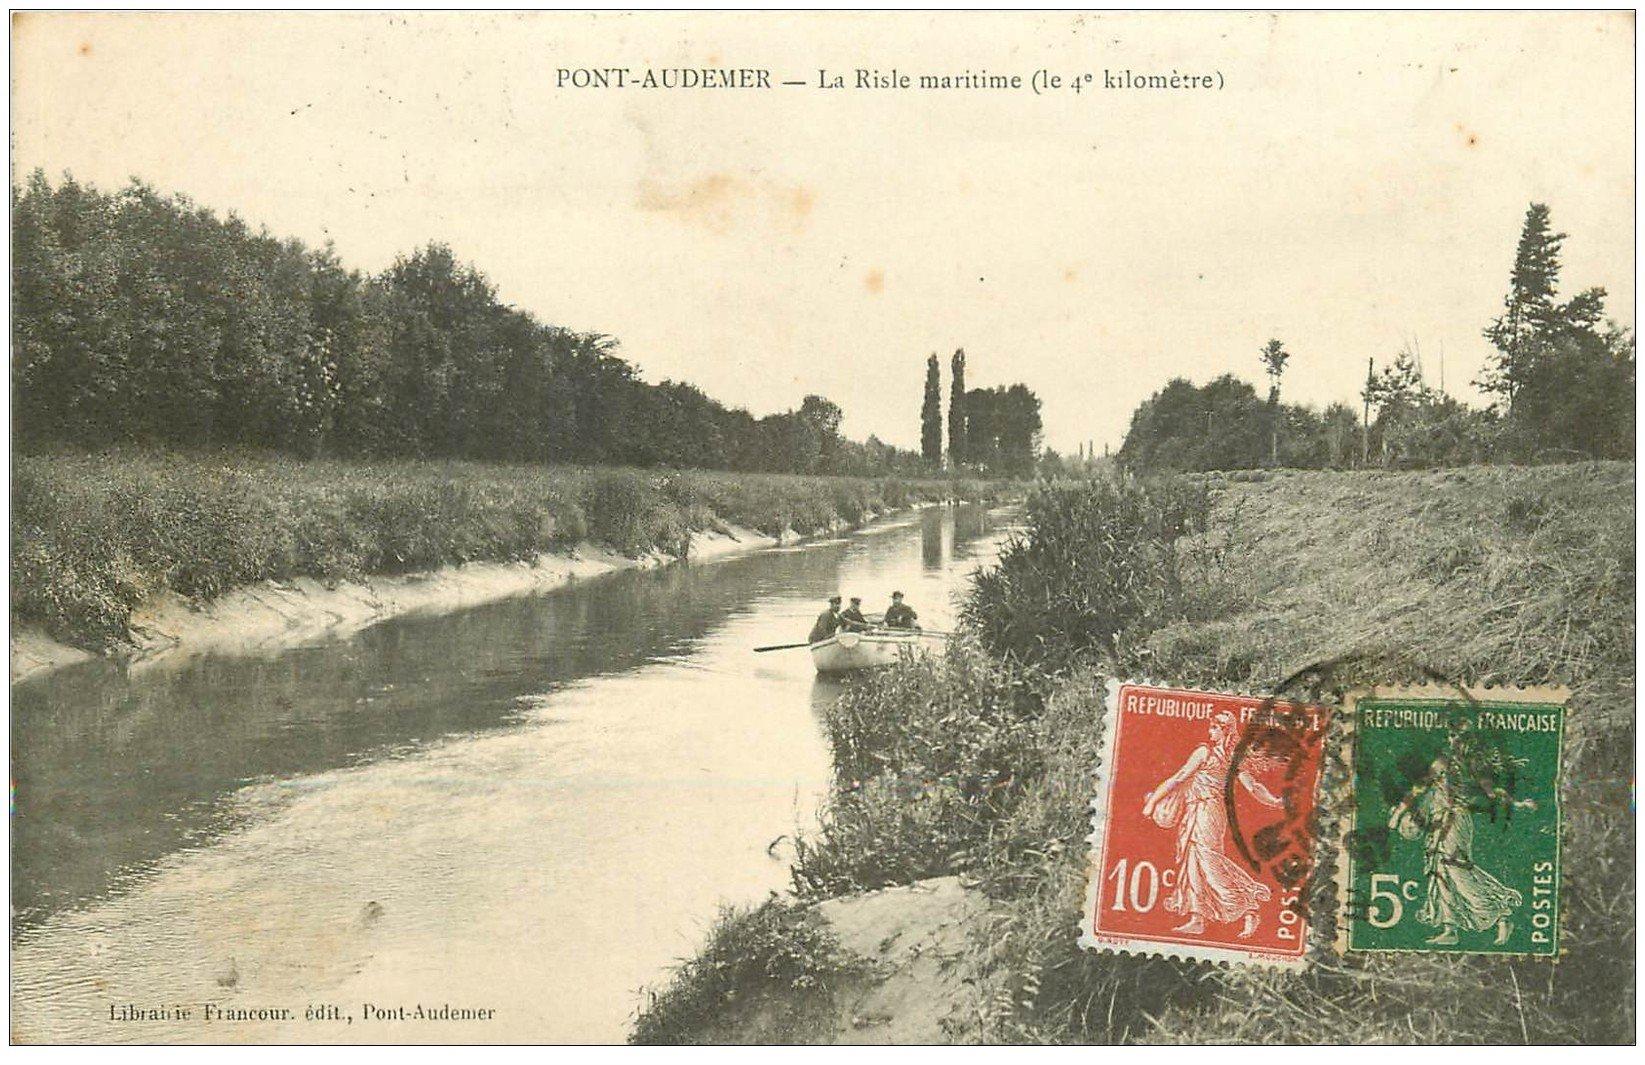 27 pont audemer canotage sur la risle maritime 1920 for Buro 27 pont audemer